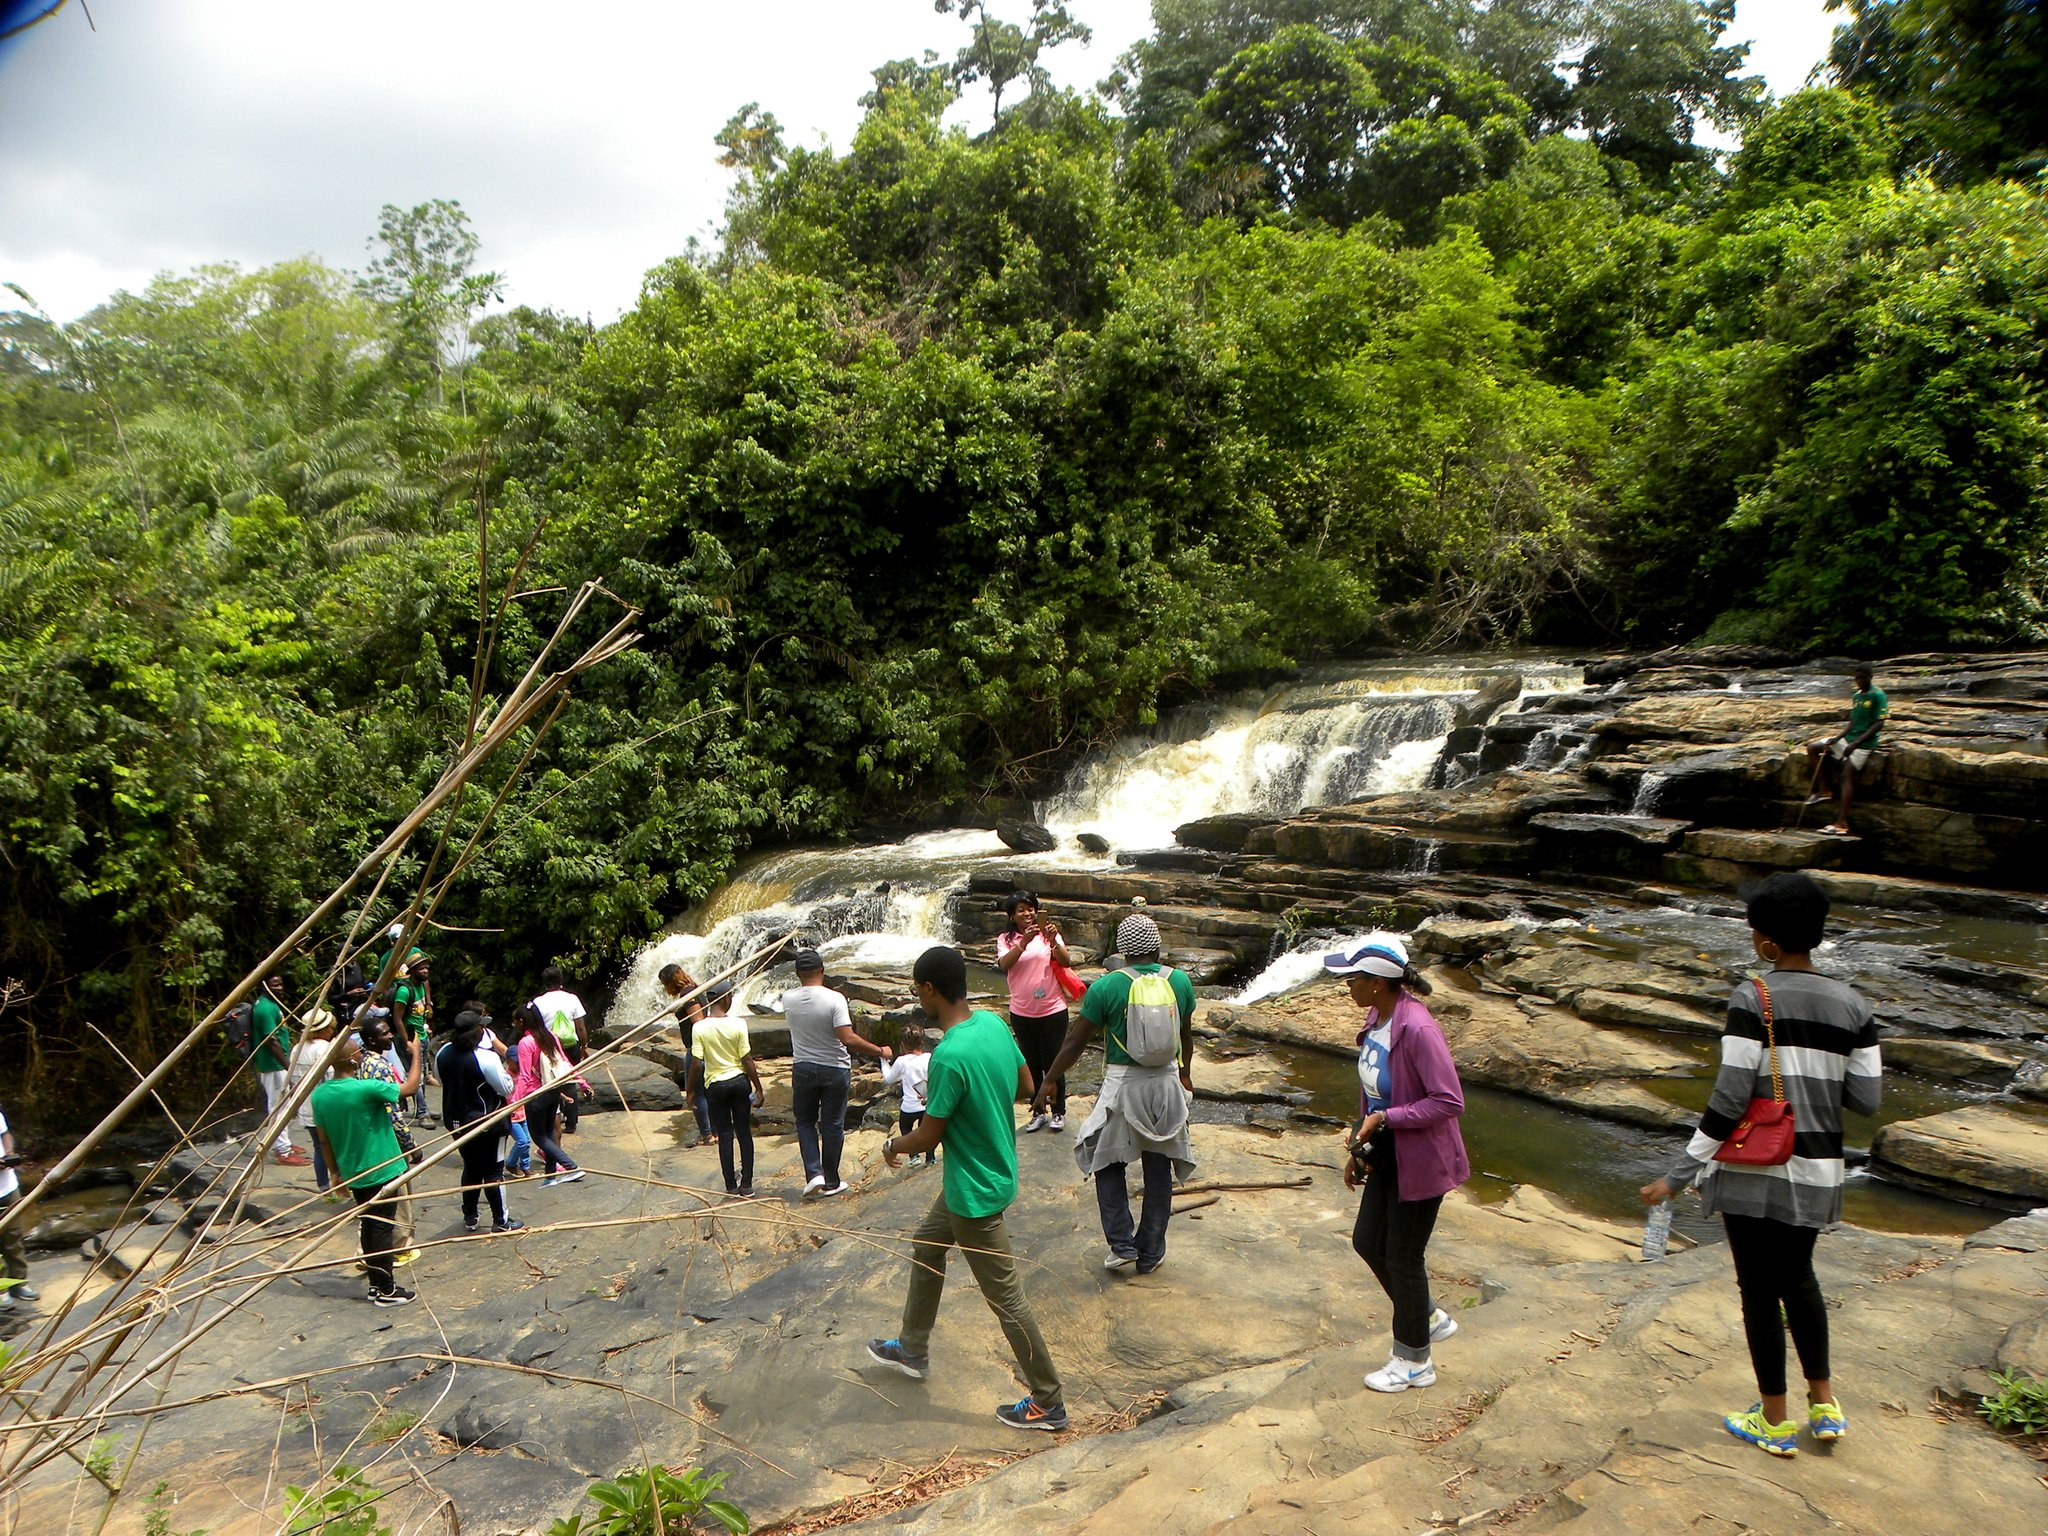 Monatélé: Au-delà de l'incendie, un vrai site touristique